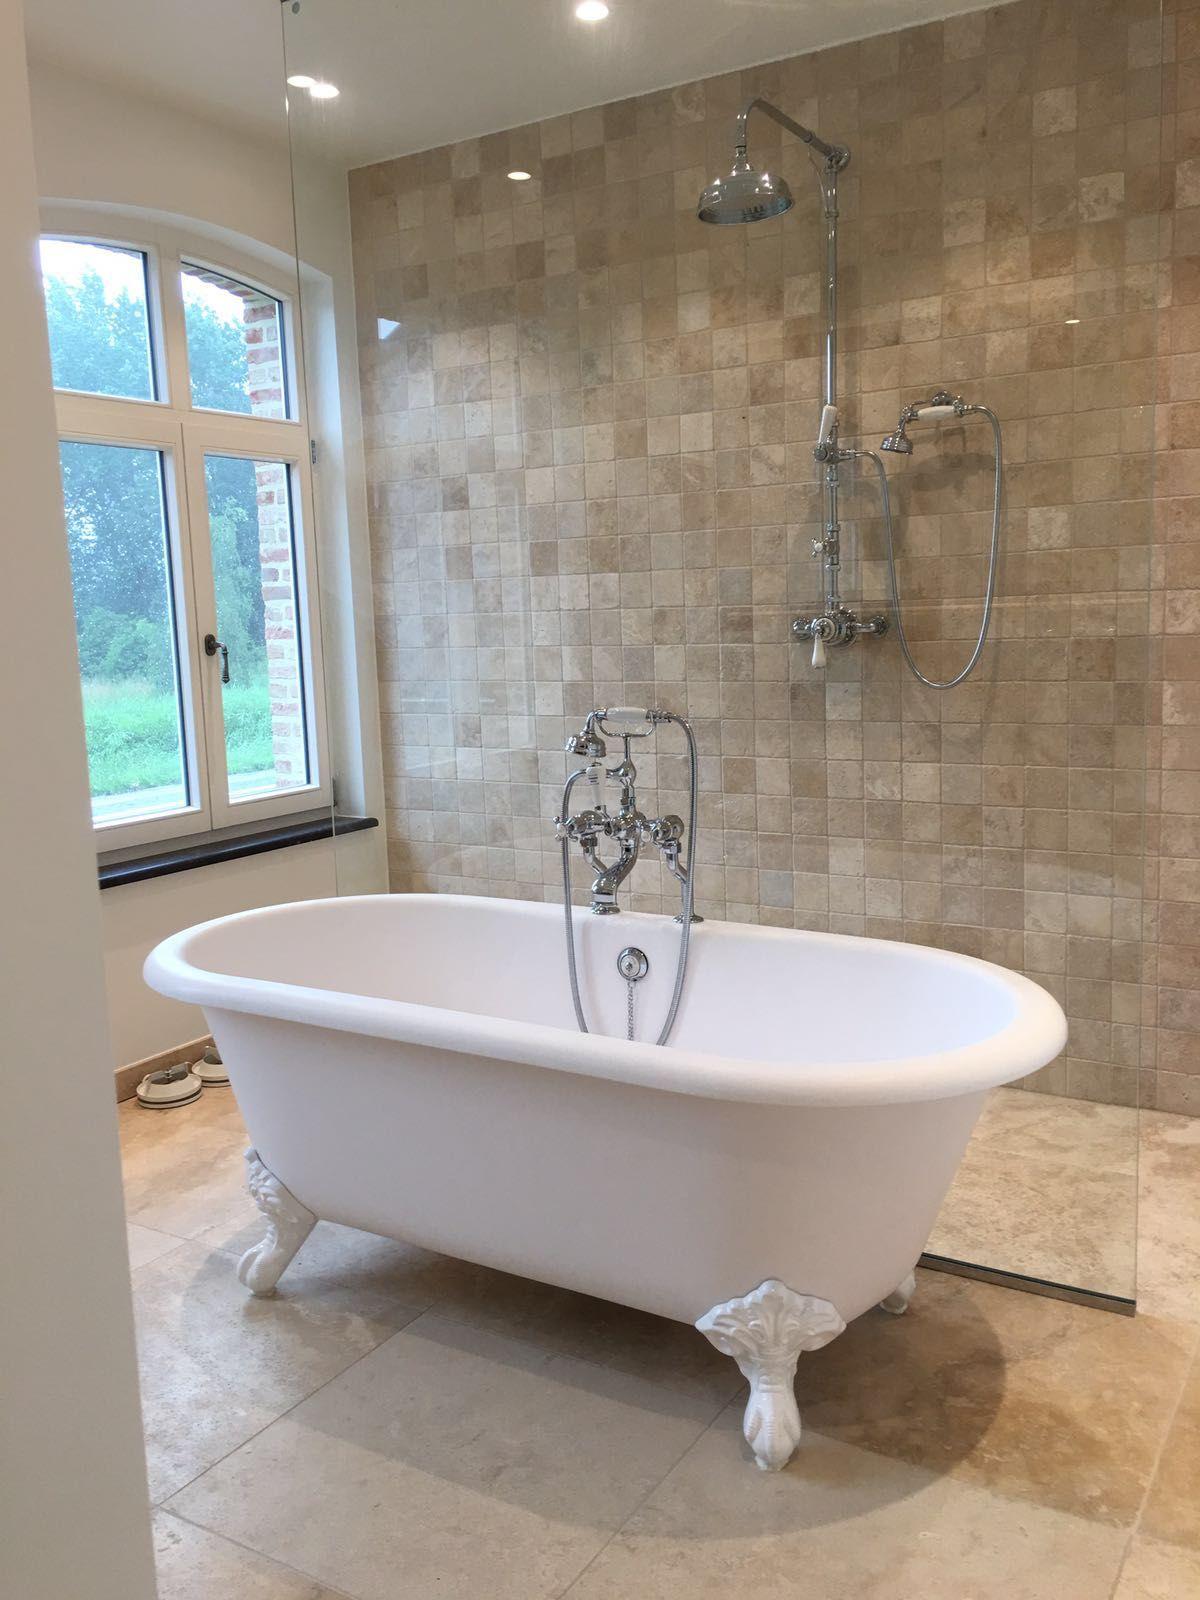 bad op pootjes landelijke regendouche taps baths badkamer